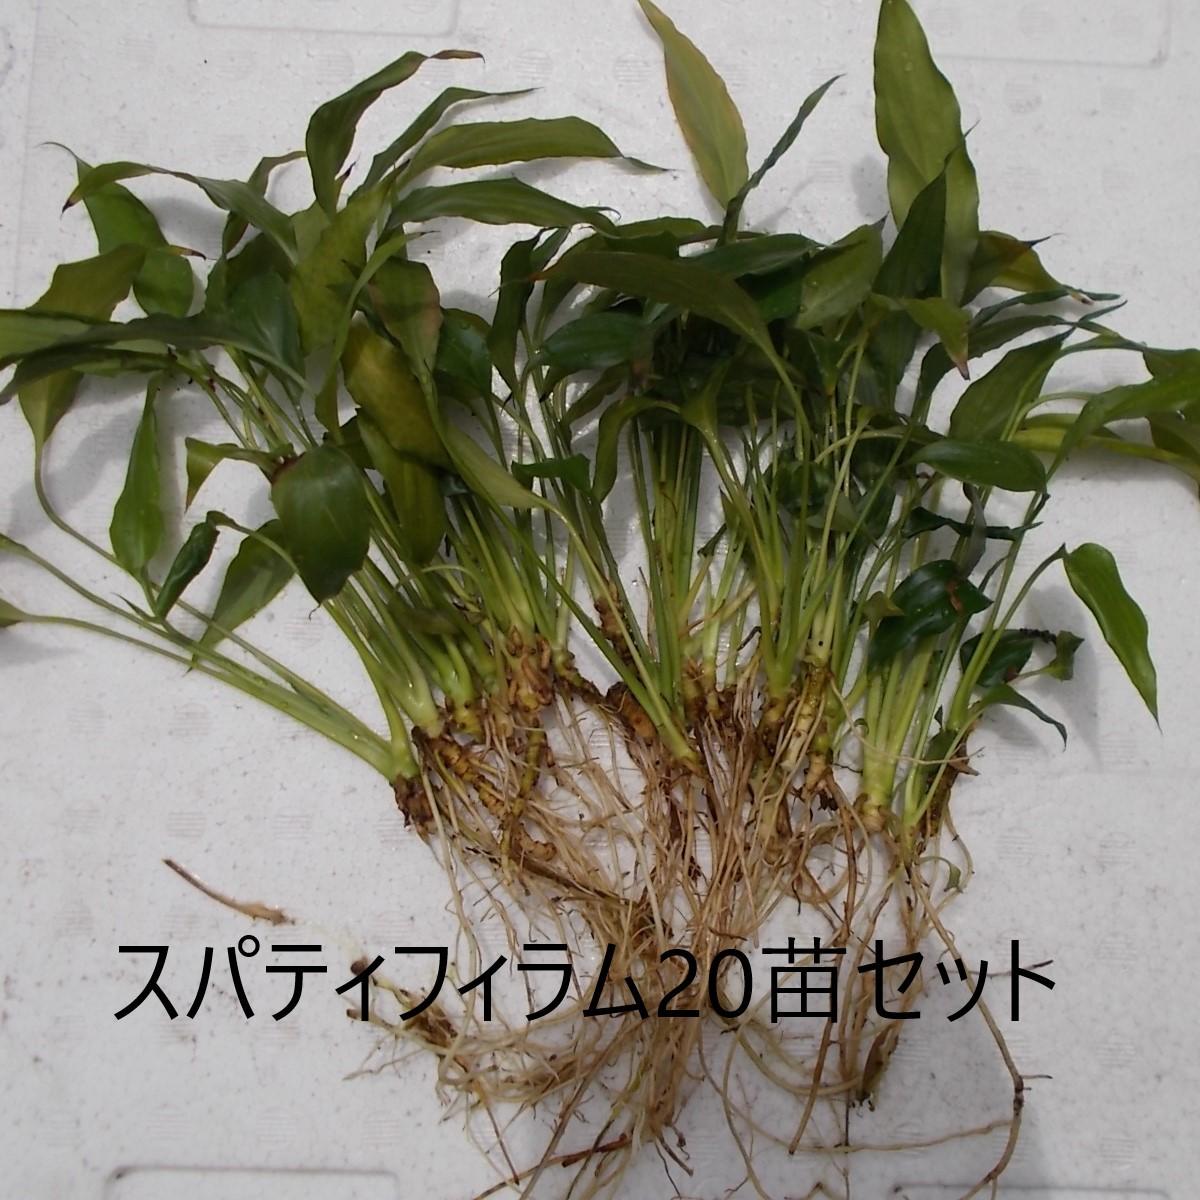 観葉植物スパティフィラムの抜き苗20本くらいセット